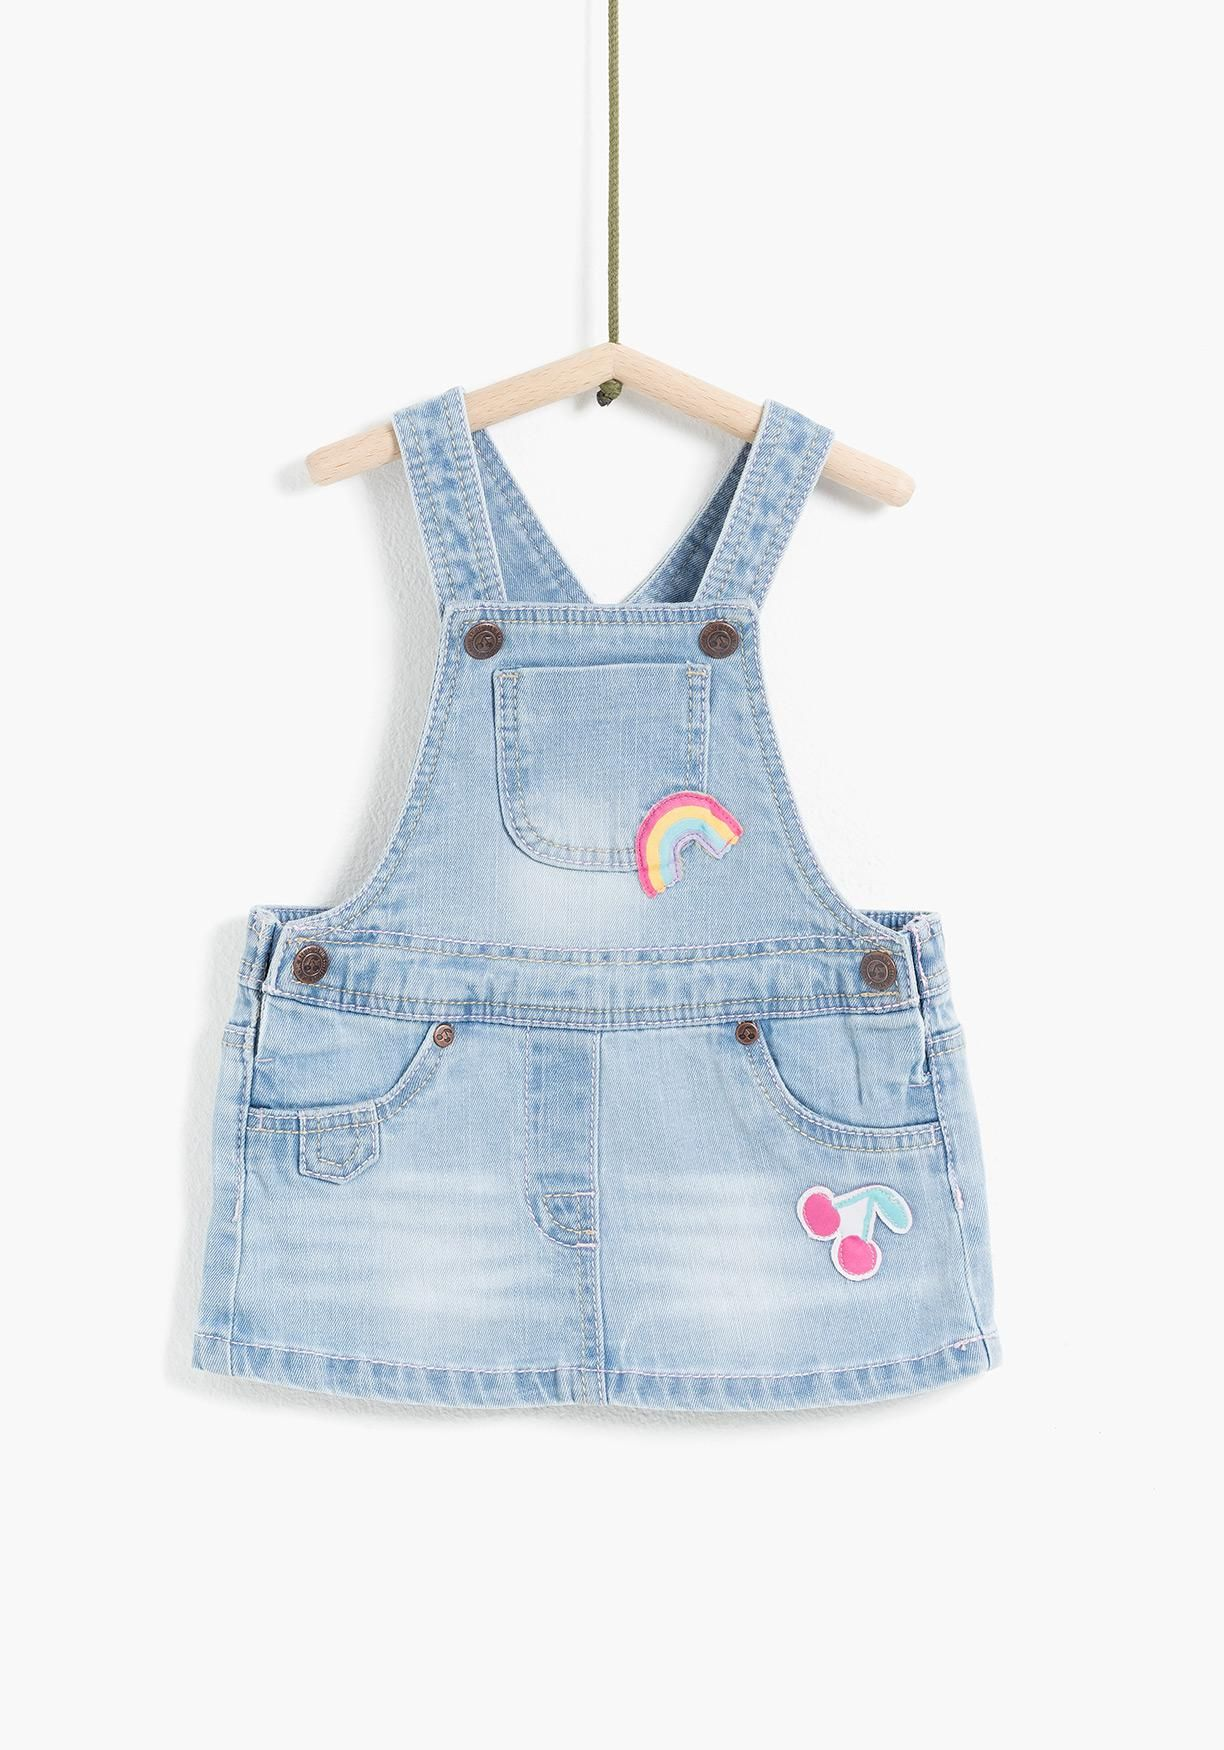 61c4c508 Ofertas en Moda - Tu tienda de ropa online en Carrefour TEX | BEBE ...